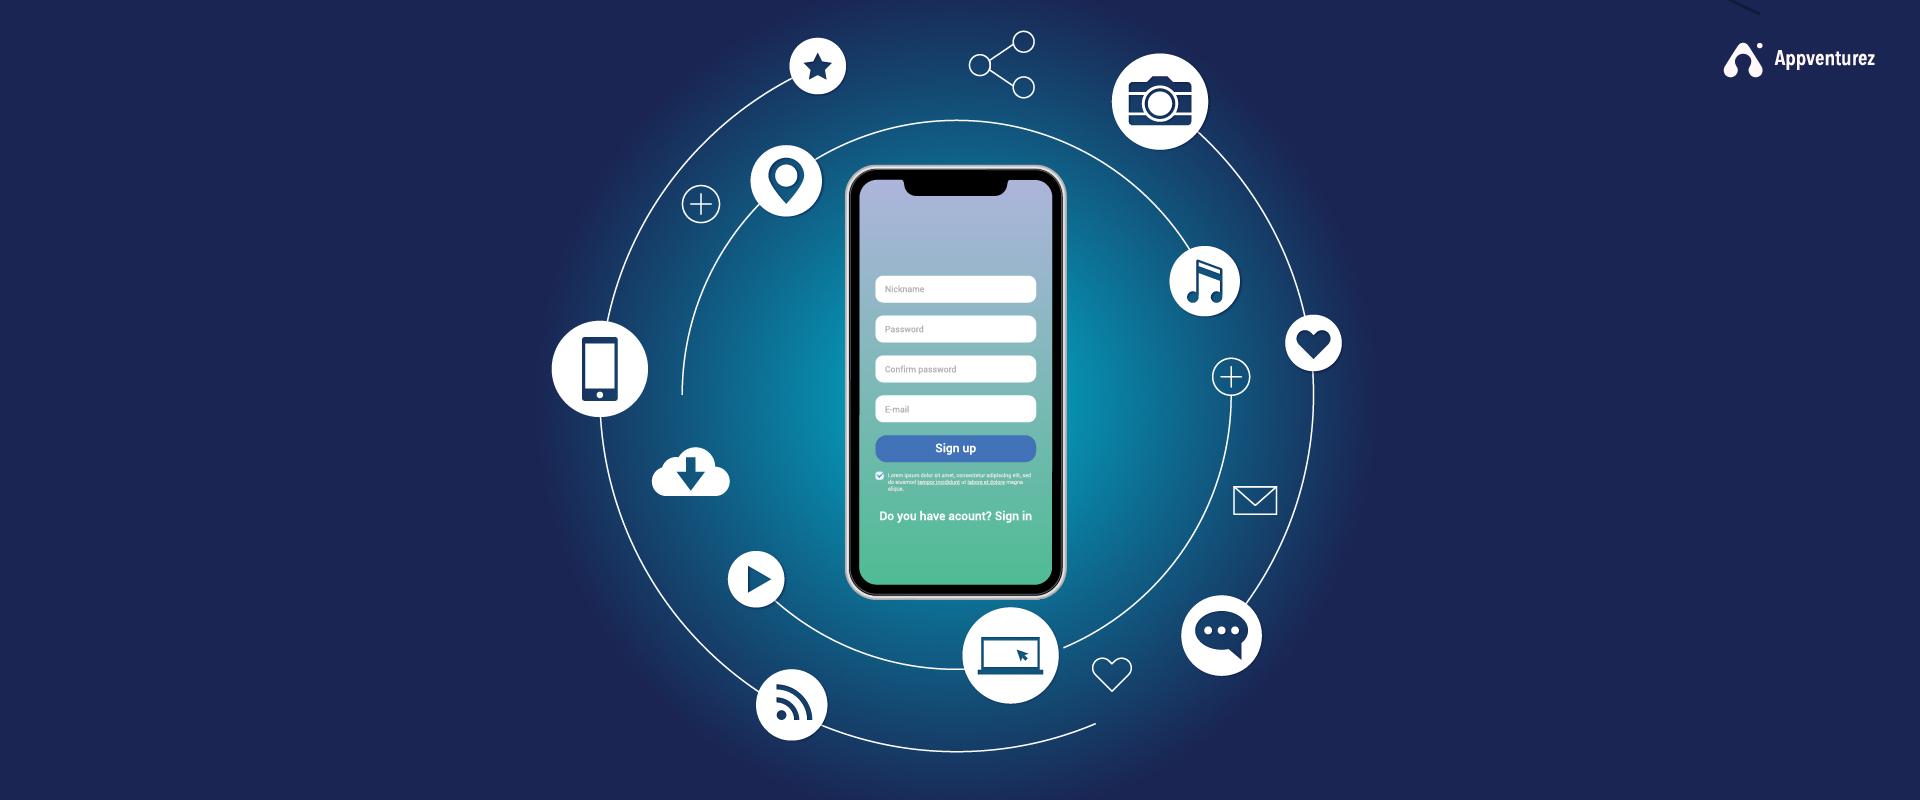 mobile app onboarding best practice